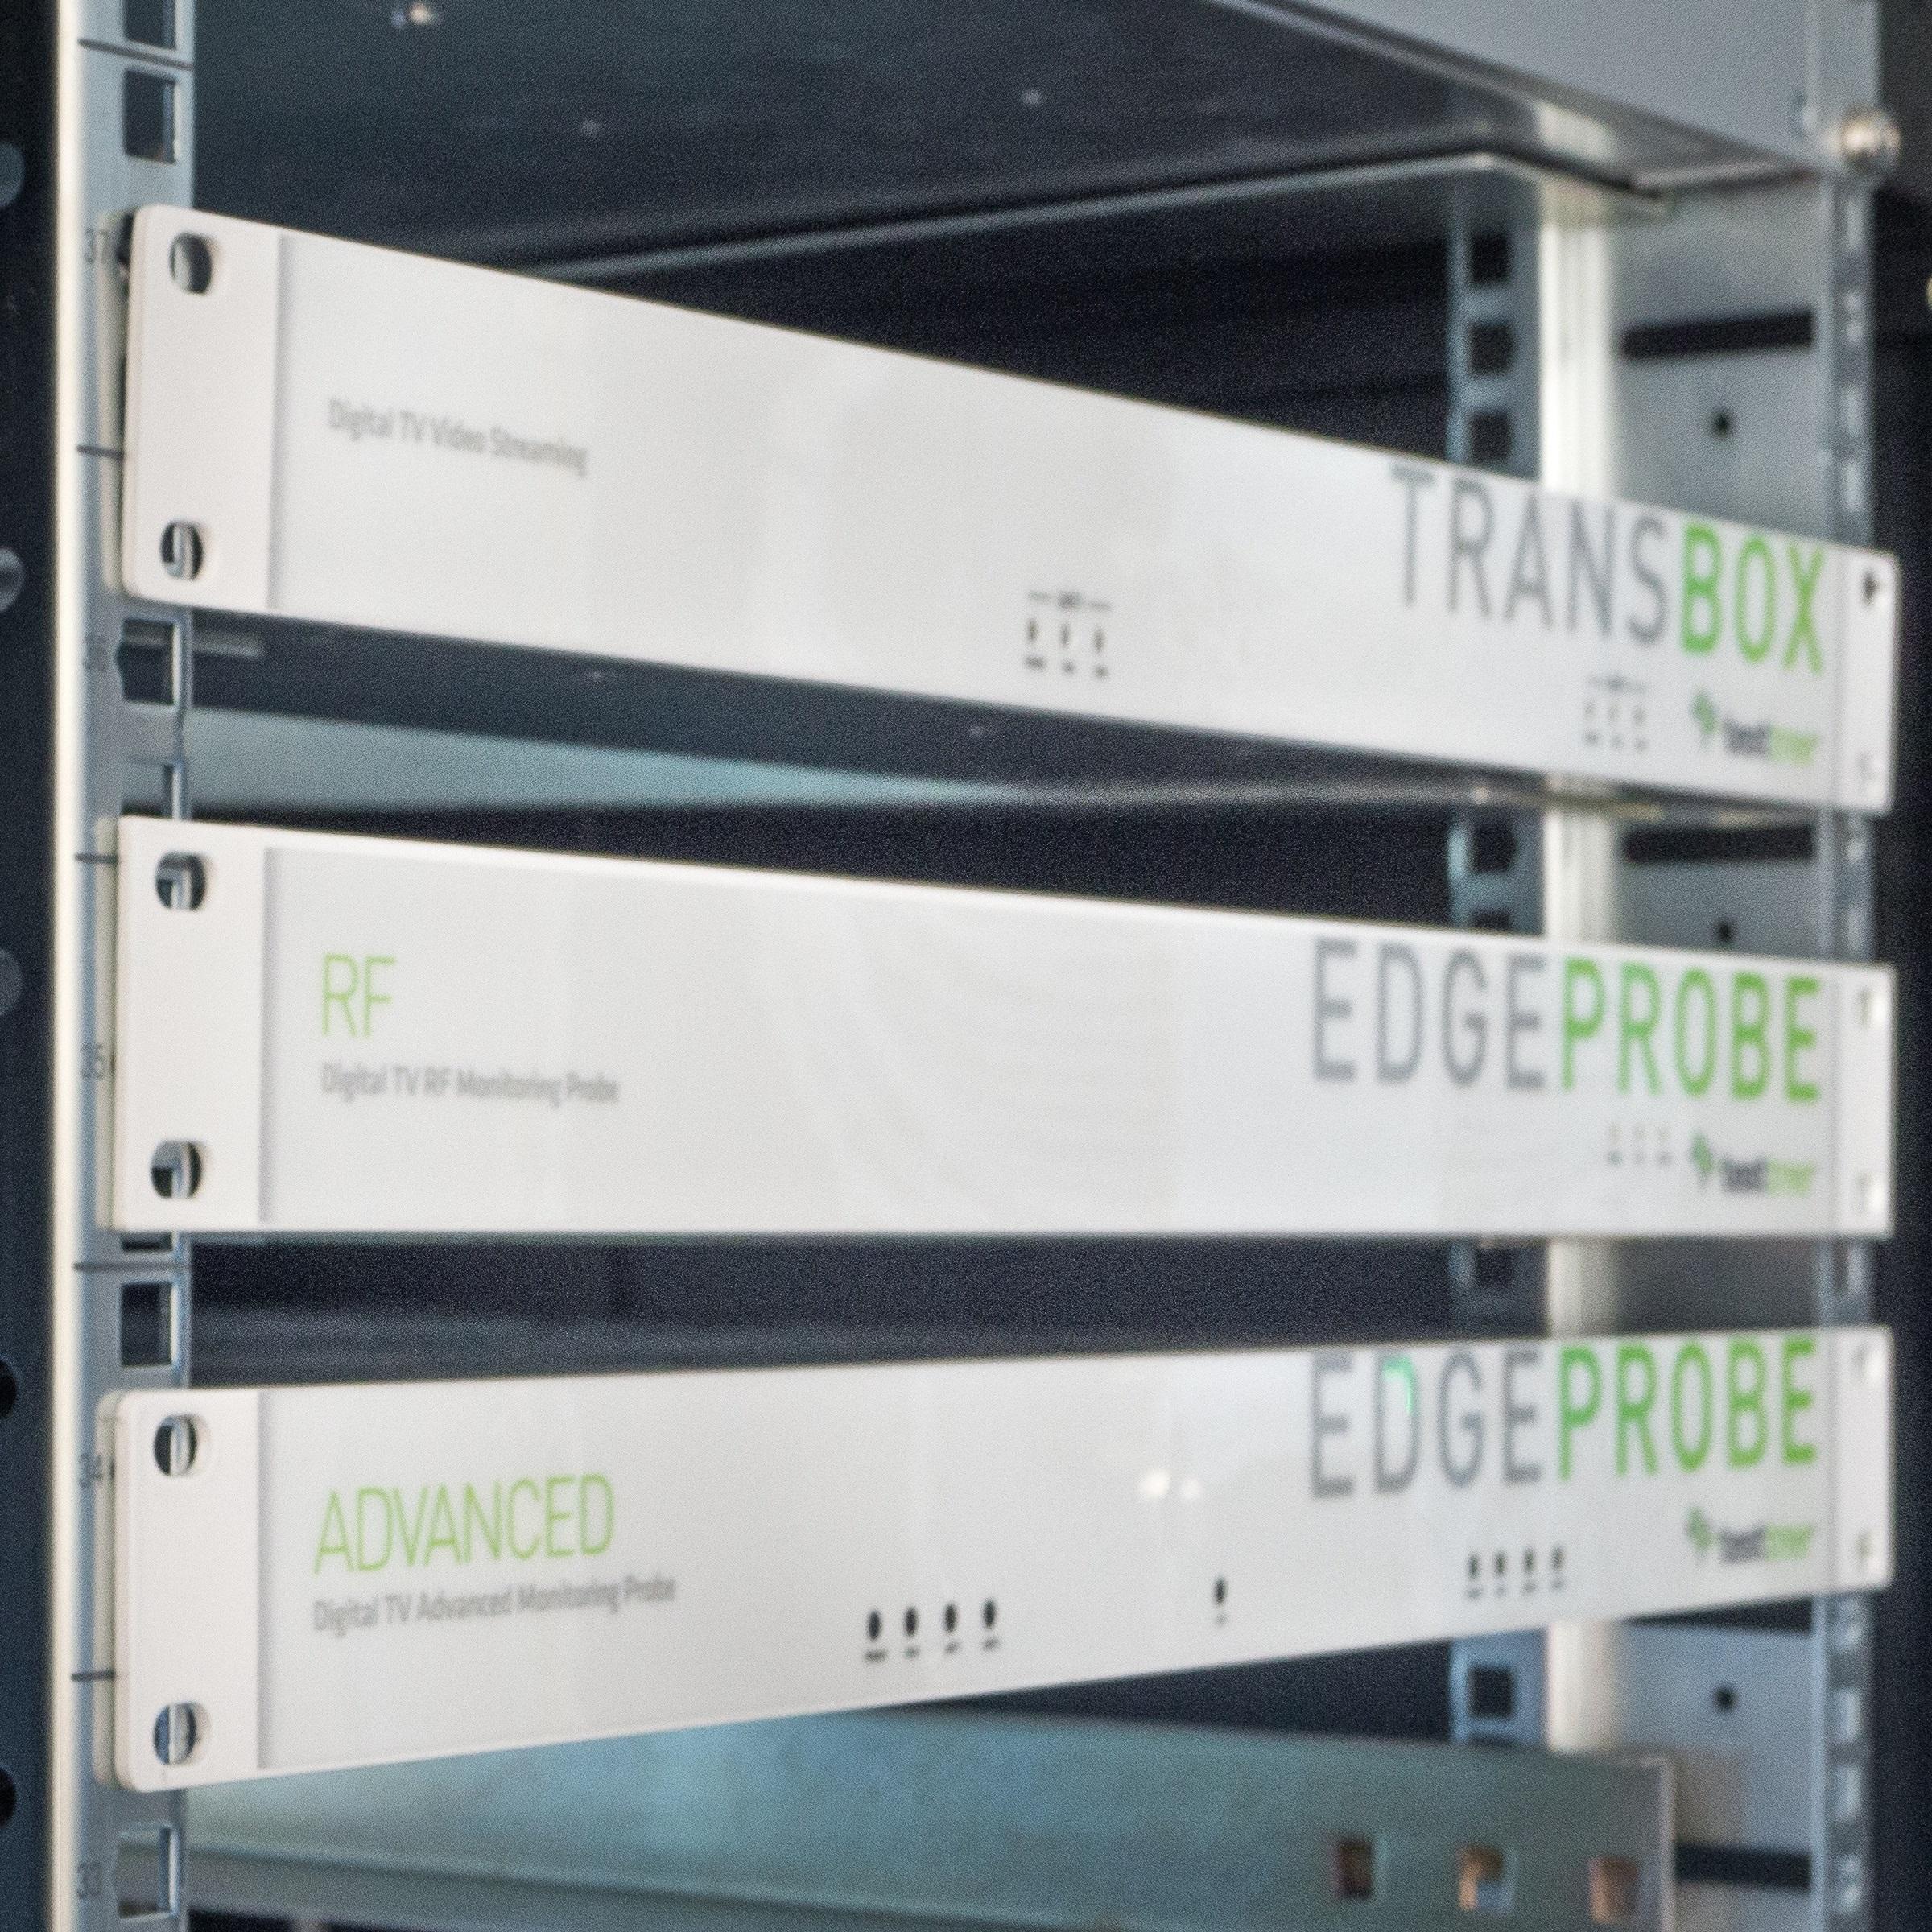 EdgeProbe – DTT & CATV & SAT 24/7 Monitoring Probes